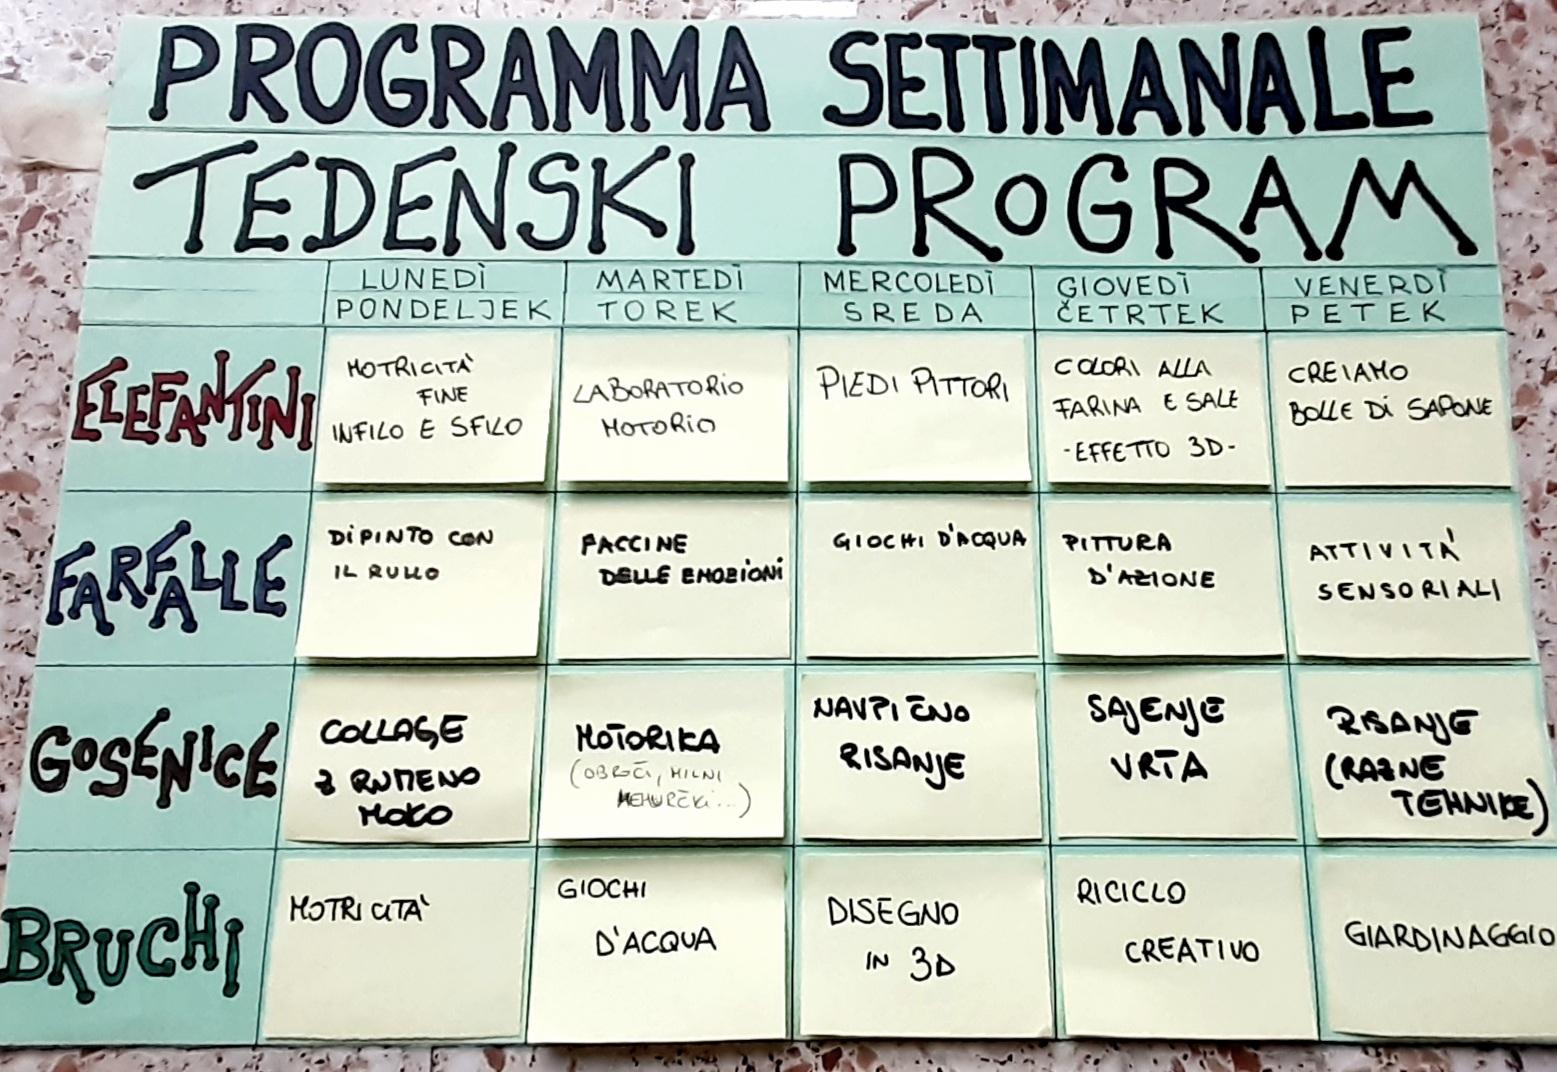 Programma settimanale Verdenido